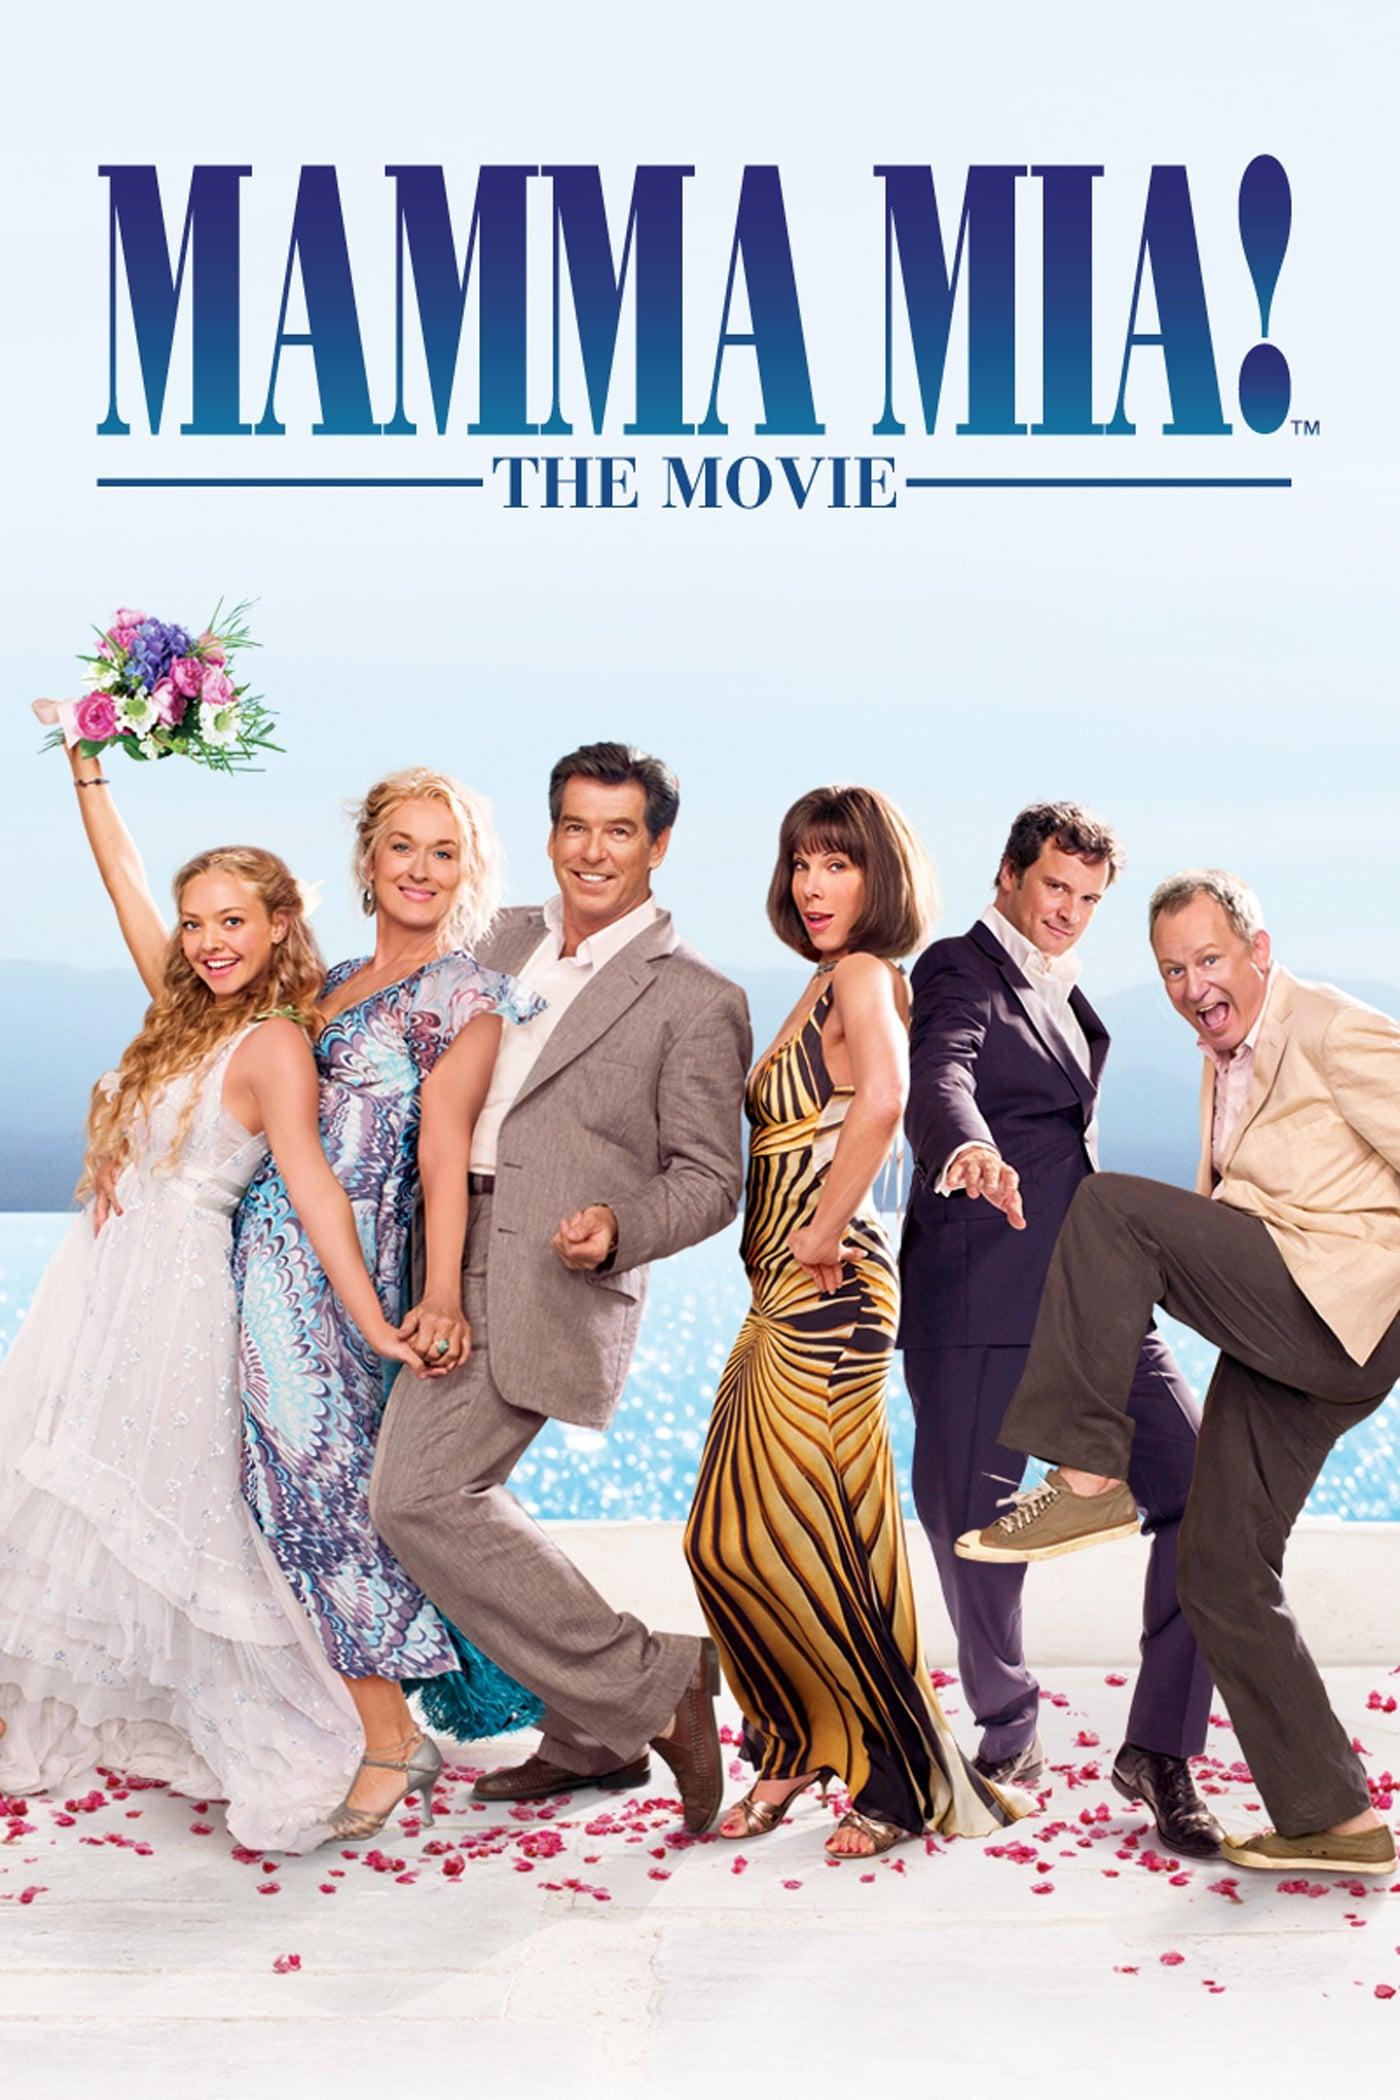 Mamma Mia Ganzer Film Deutsch Anschauen